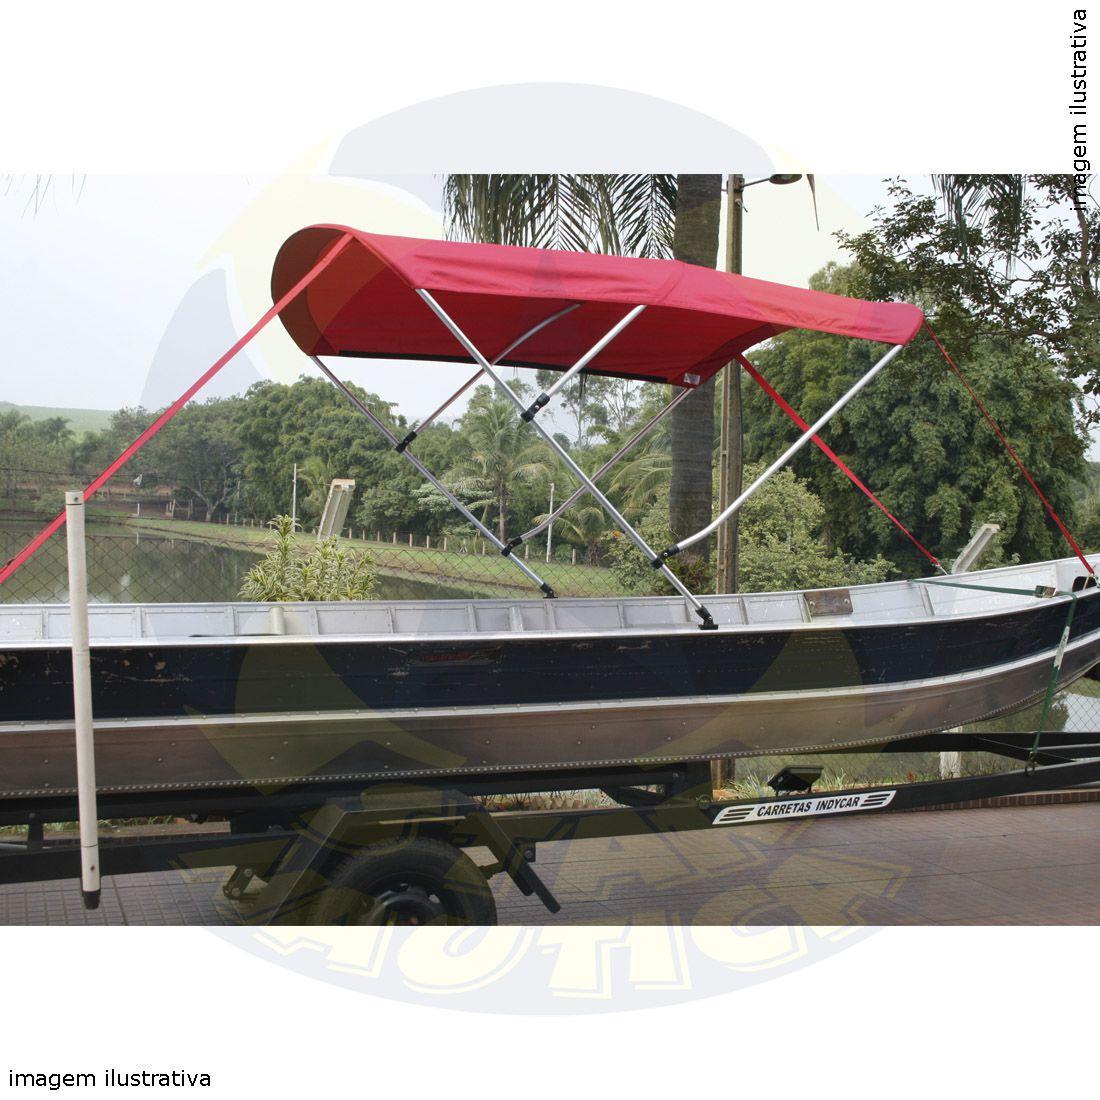 Capota Toldo Barco Calaça Flash Bass 500 Vinílica 3 Arcos Tubo 7/8